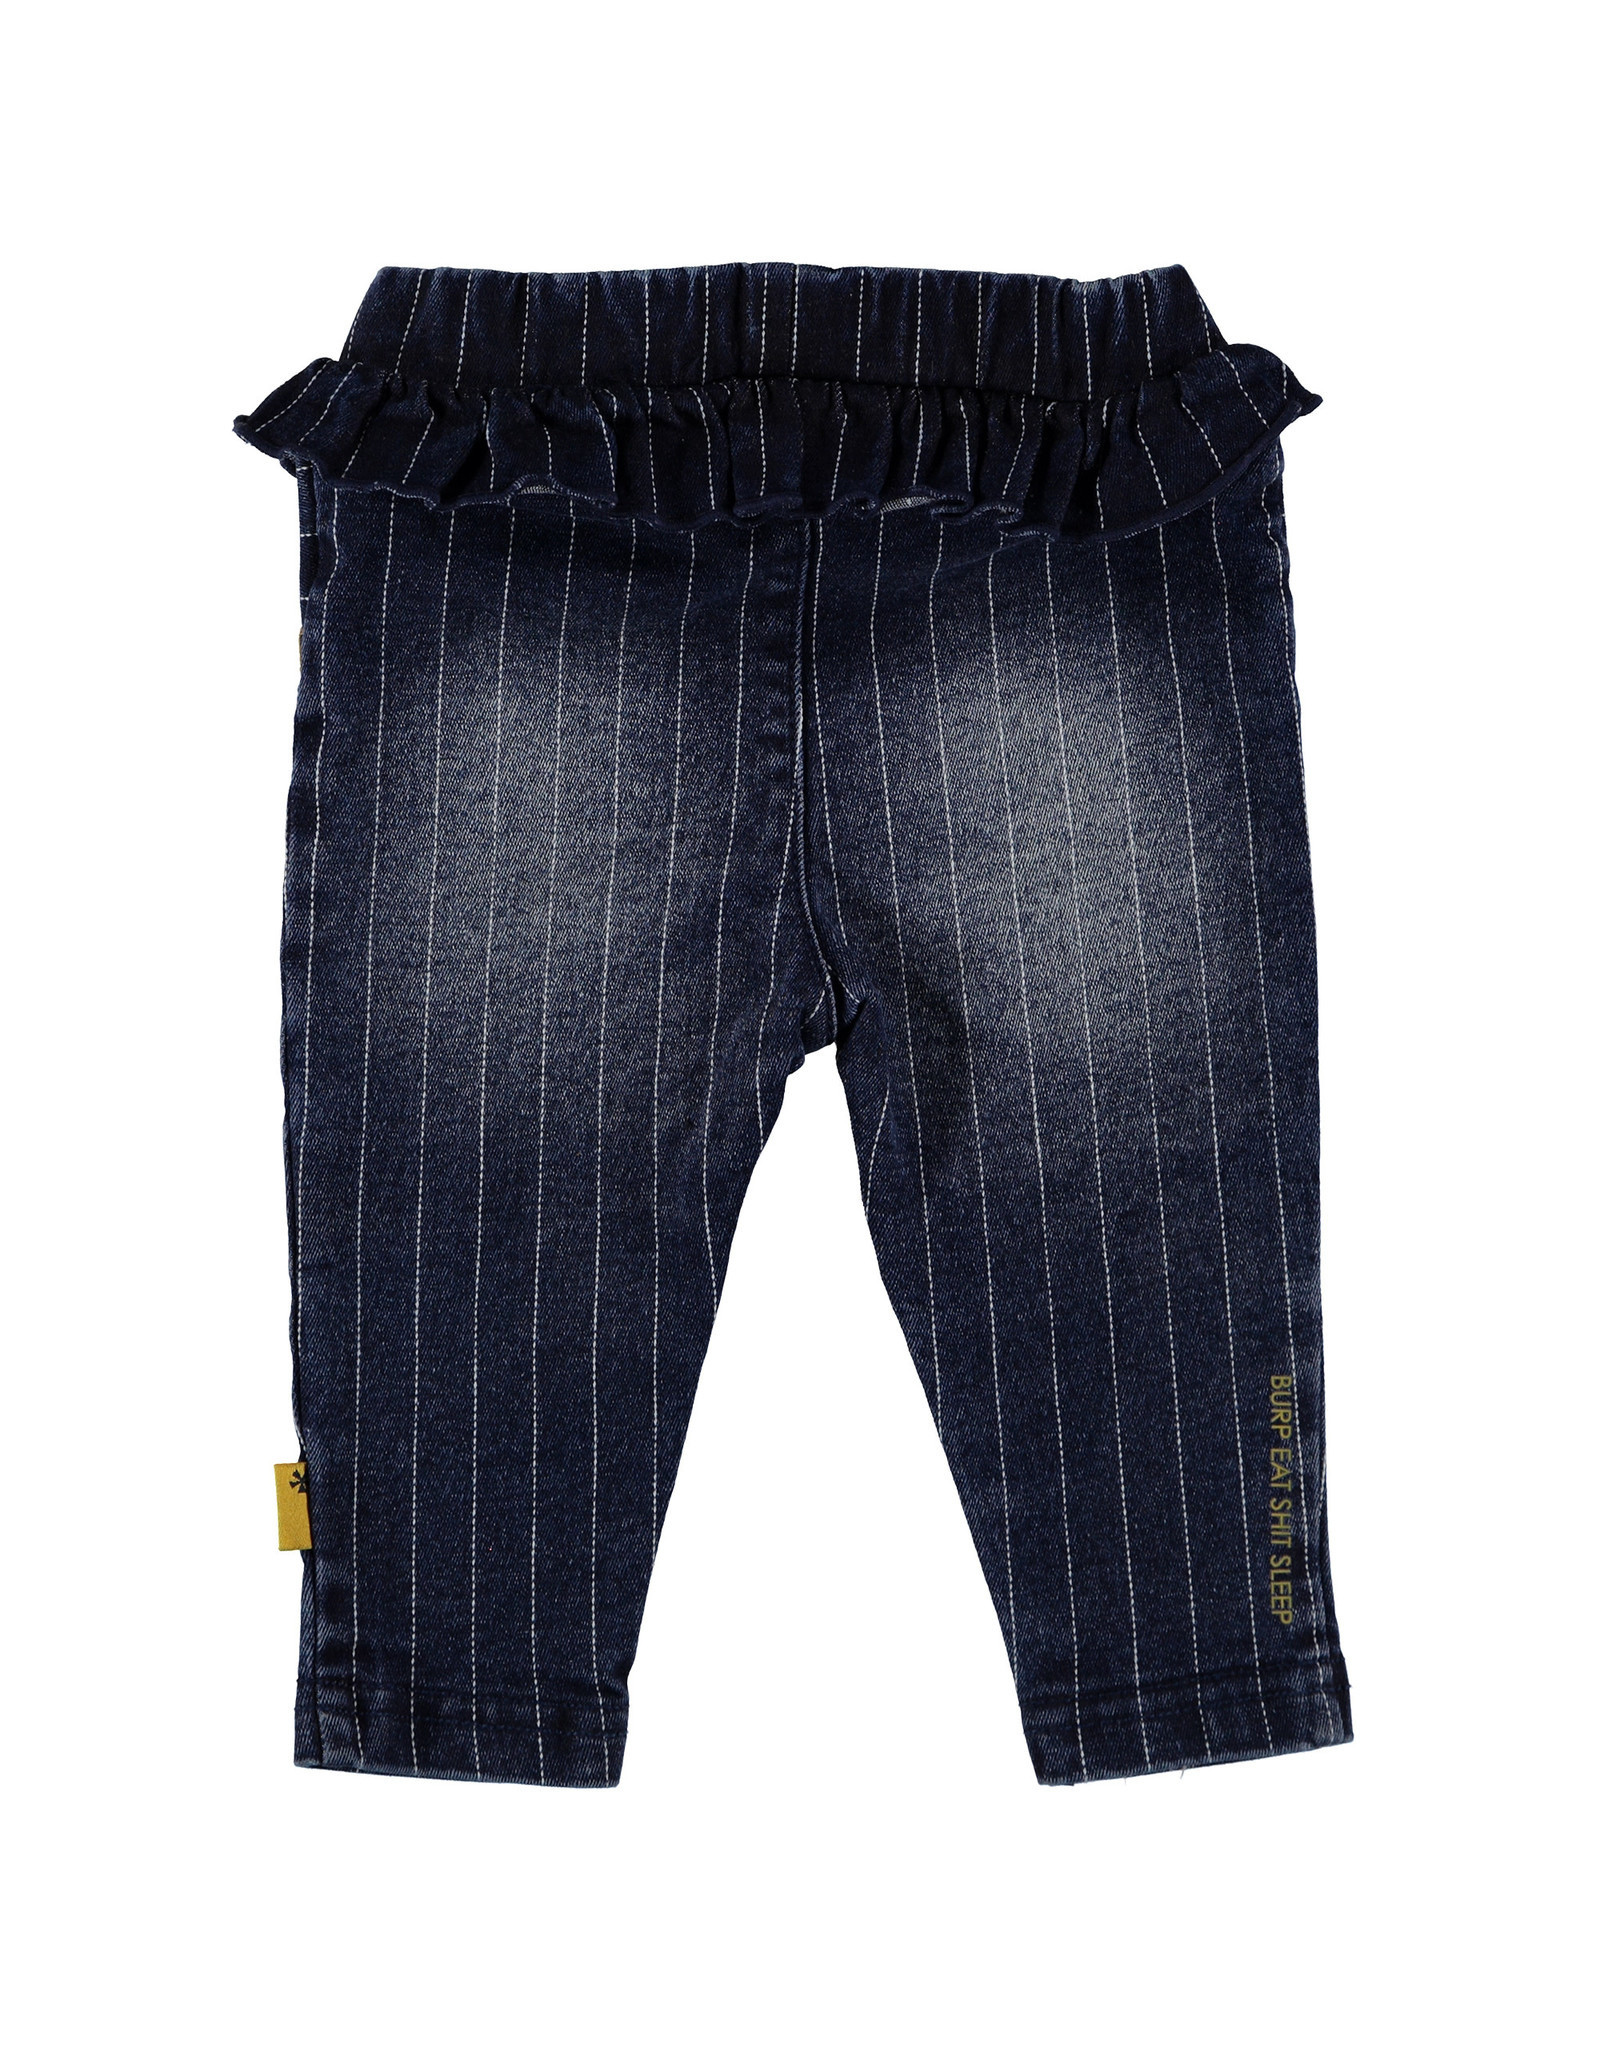 BESS BESS Pants Denim Striped Ruffle Stone Wash